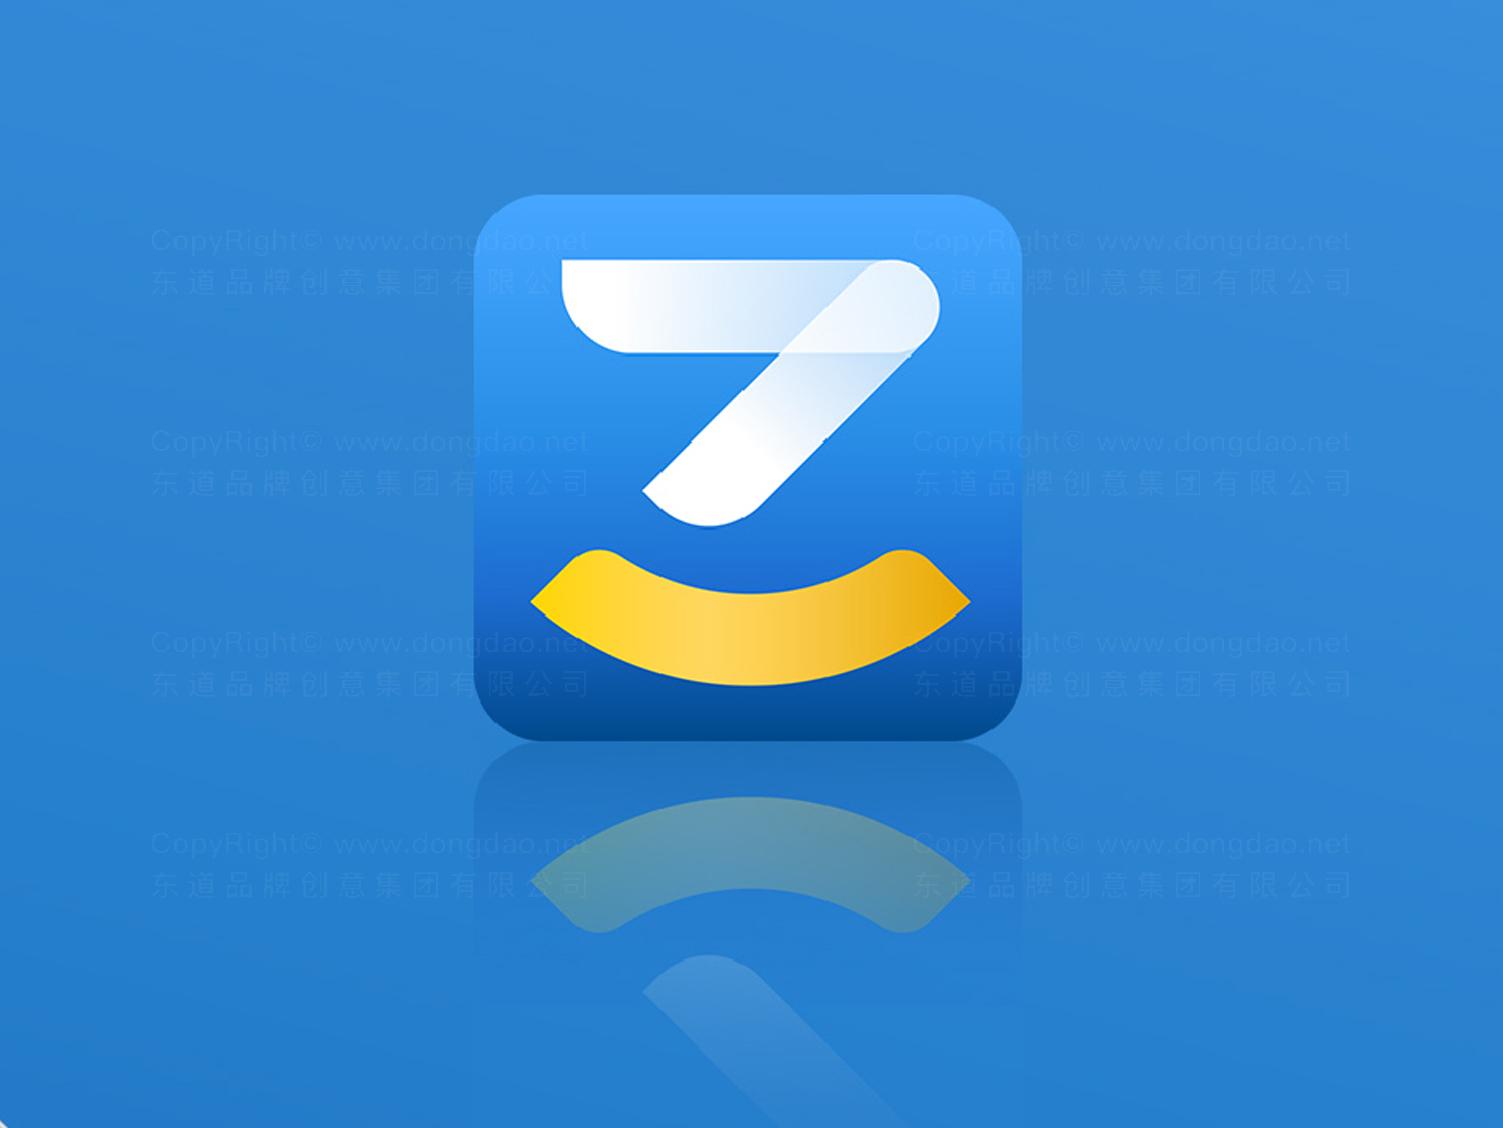 品牌设计正值保险logo设计、vi设计应用场景_7